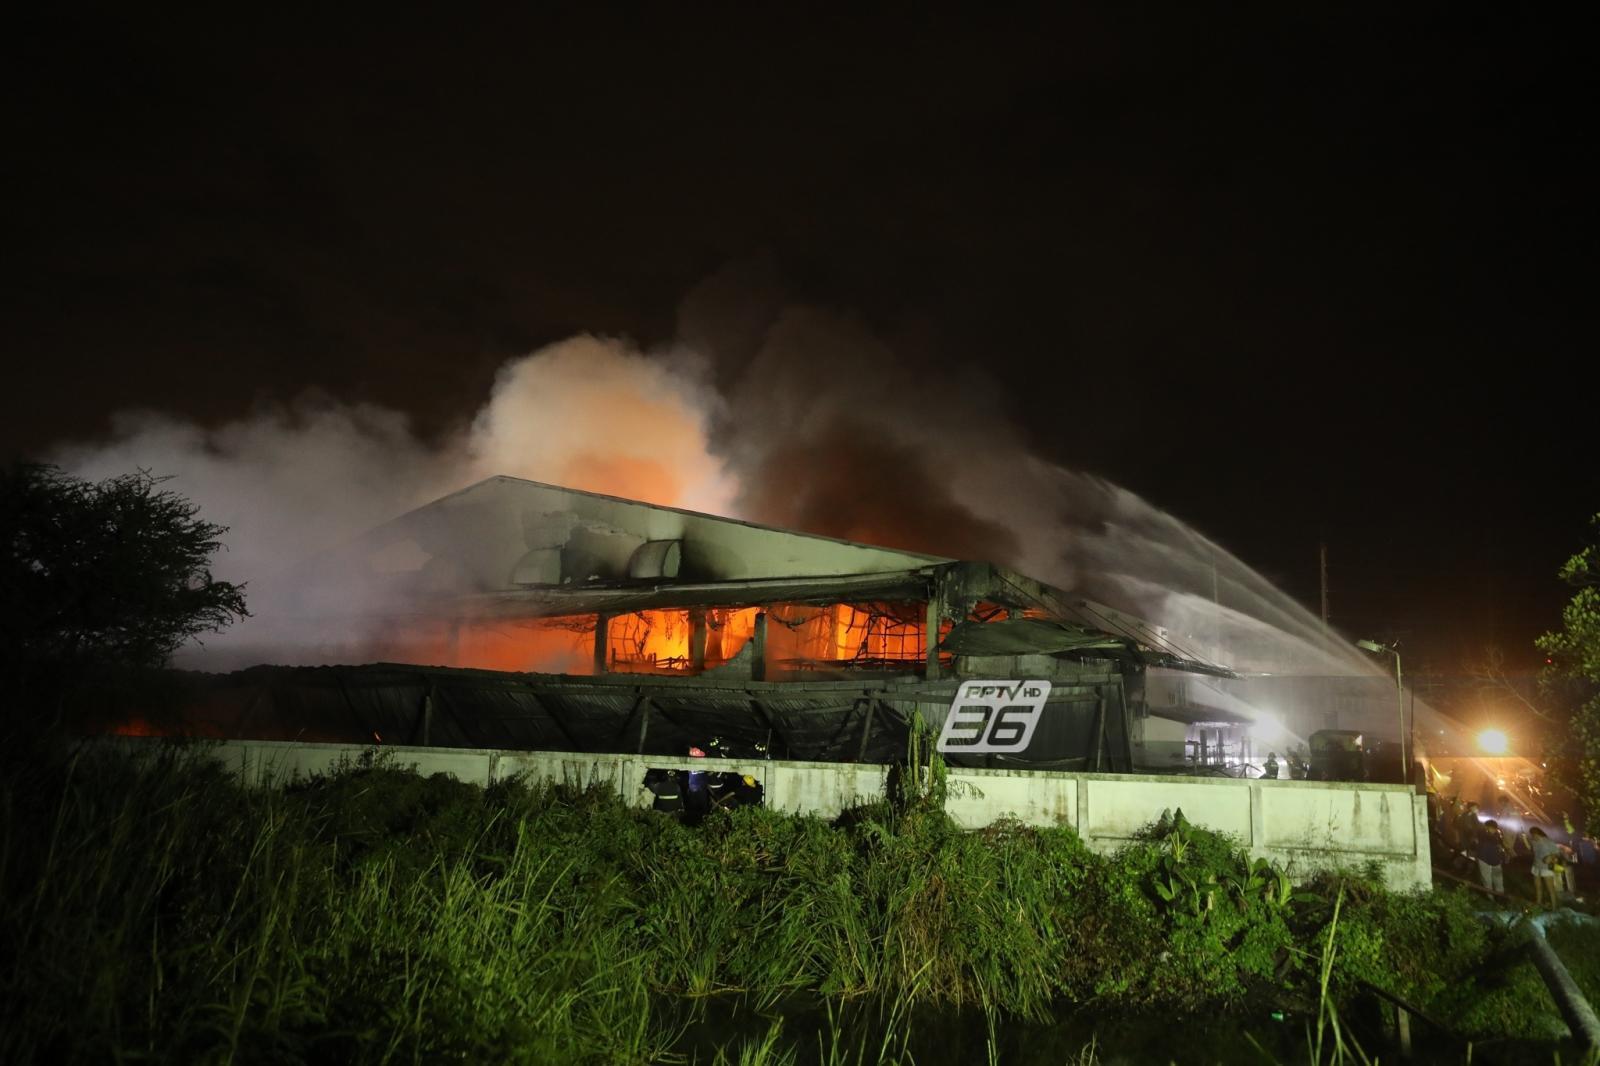 เพลิงสงบแล้ว โรงงานน้ำหอมลาดกระบัง แอลกอฮอล์  7 หมื่นลิตรปลอดภัย  ผู้ว่าการนิคมฯ สั่งปิดถาวร